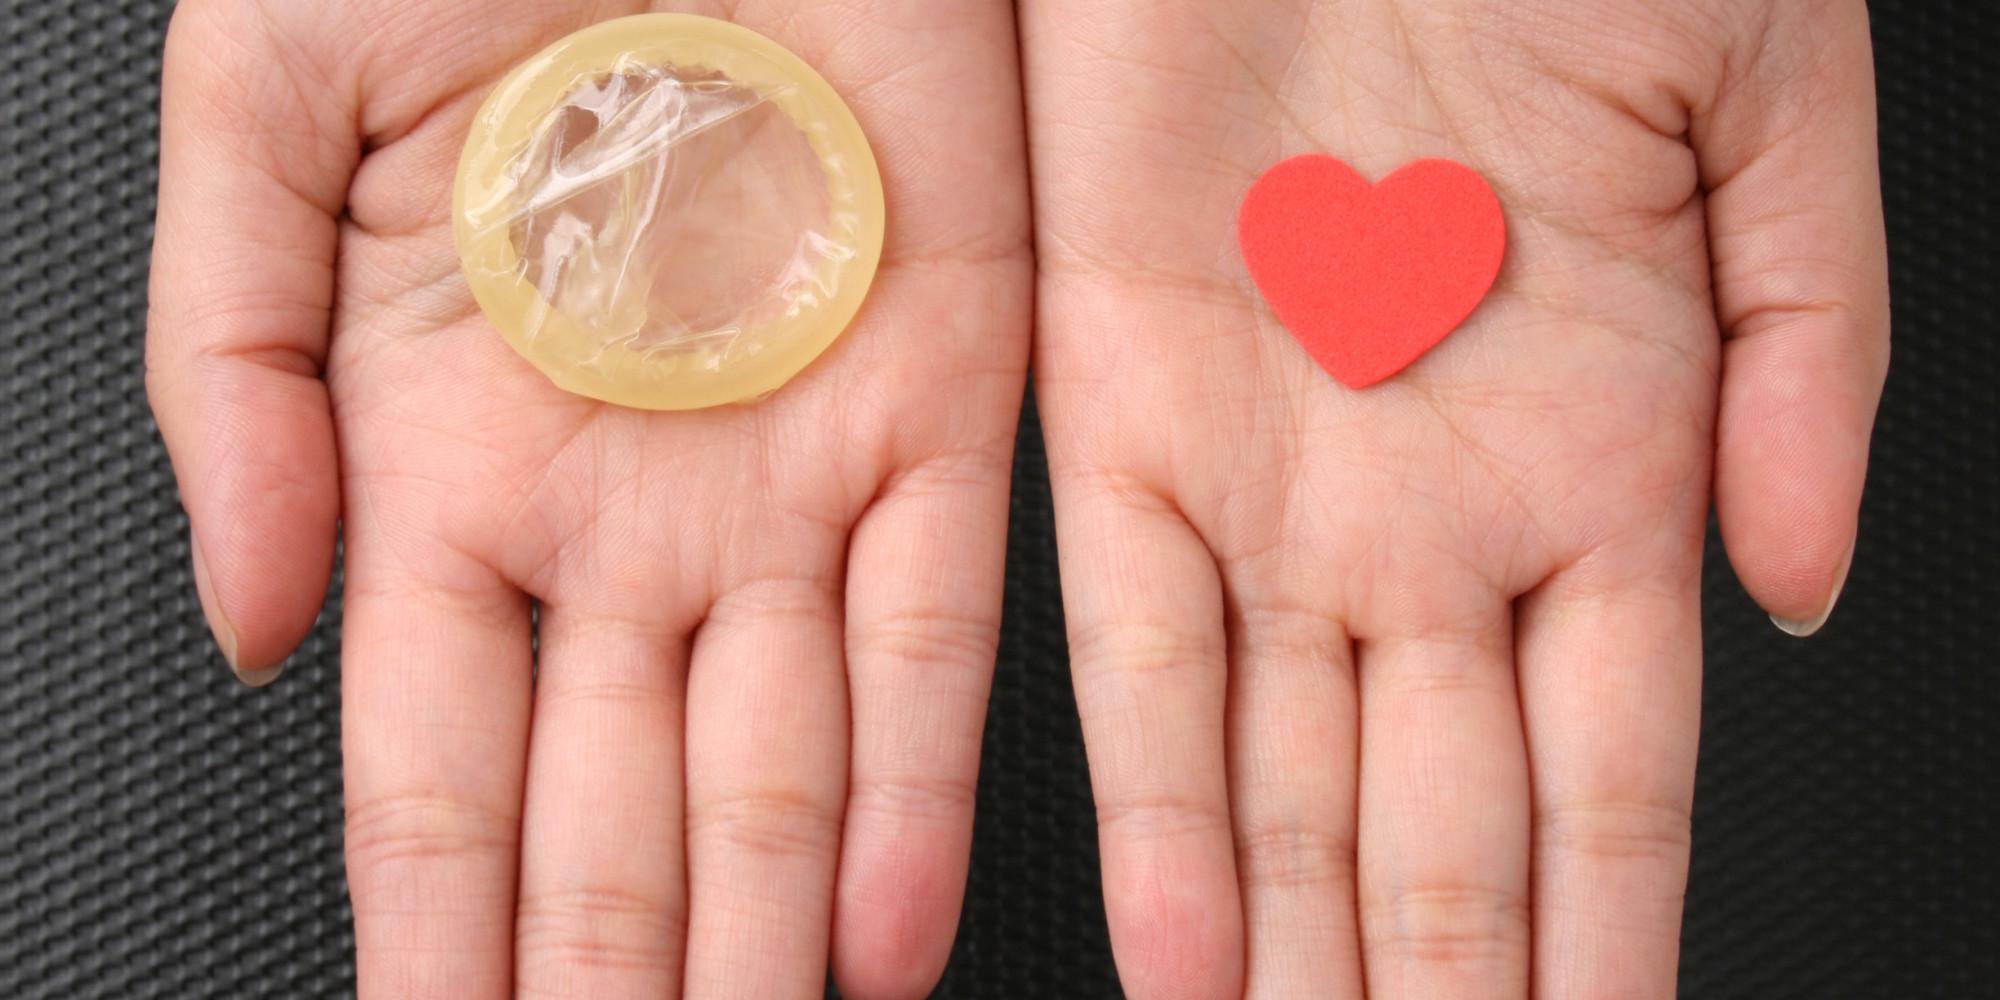 Венерические заболевания передающиеся оральным путем 3 фотография